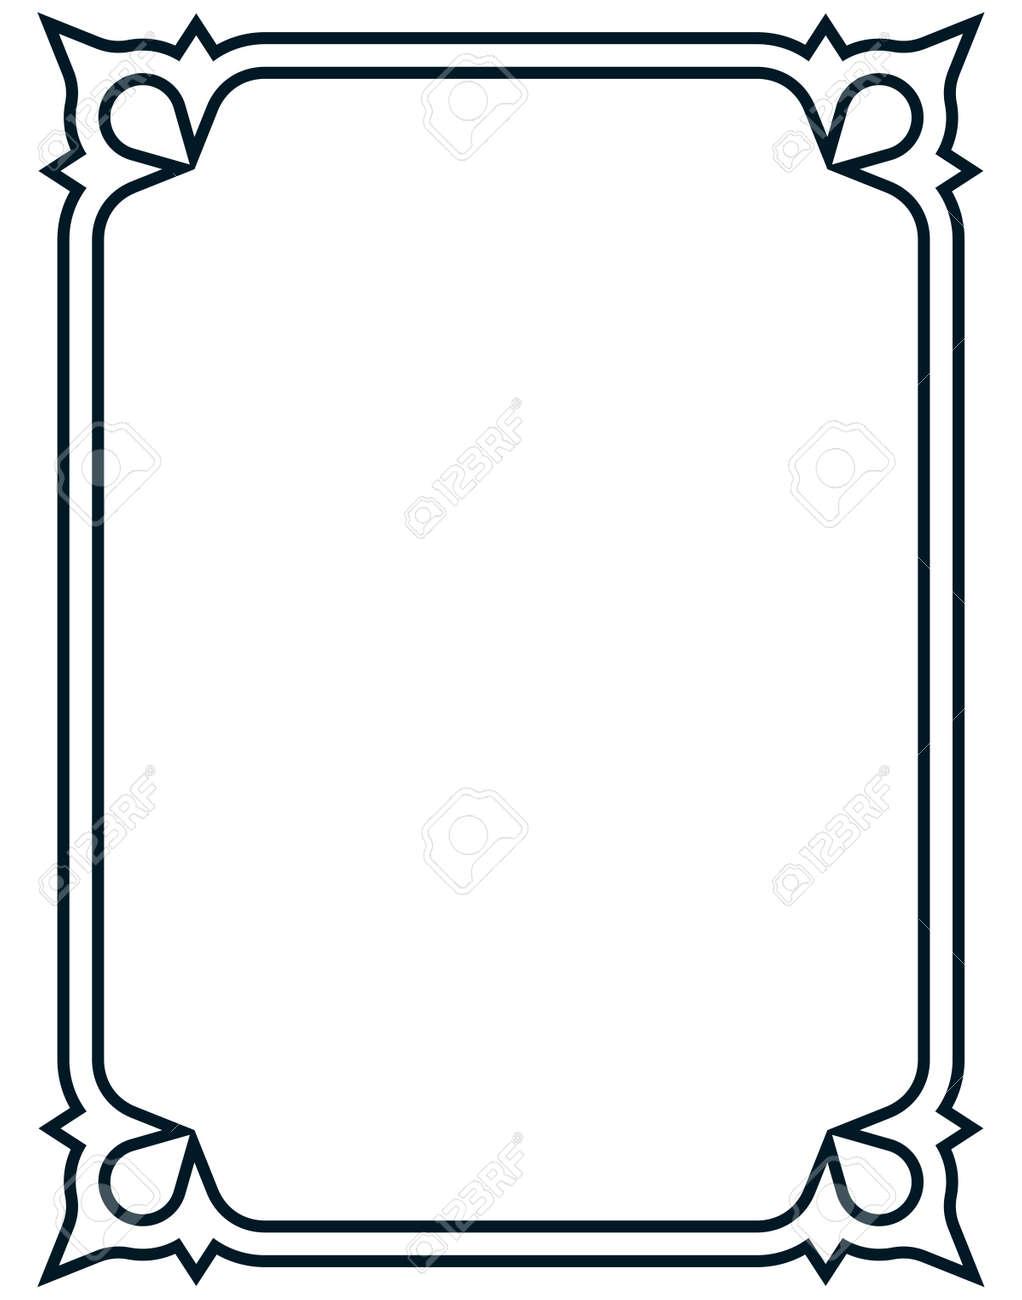 border frame deco vector art simple line corner royalty free rh 123rf com art deco vector frames art deco vectors free download